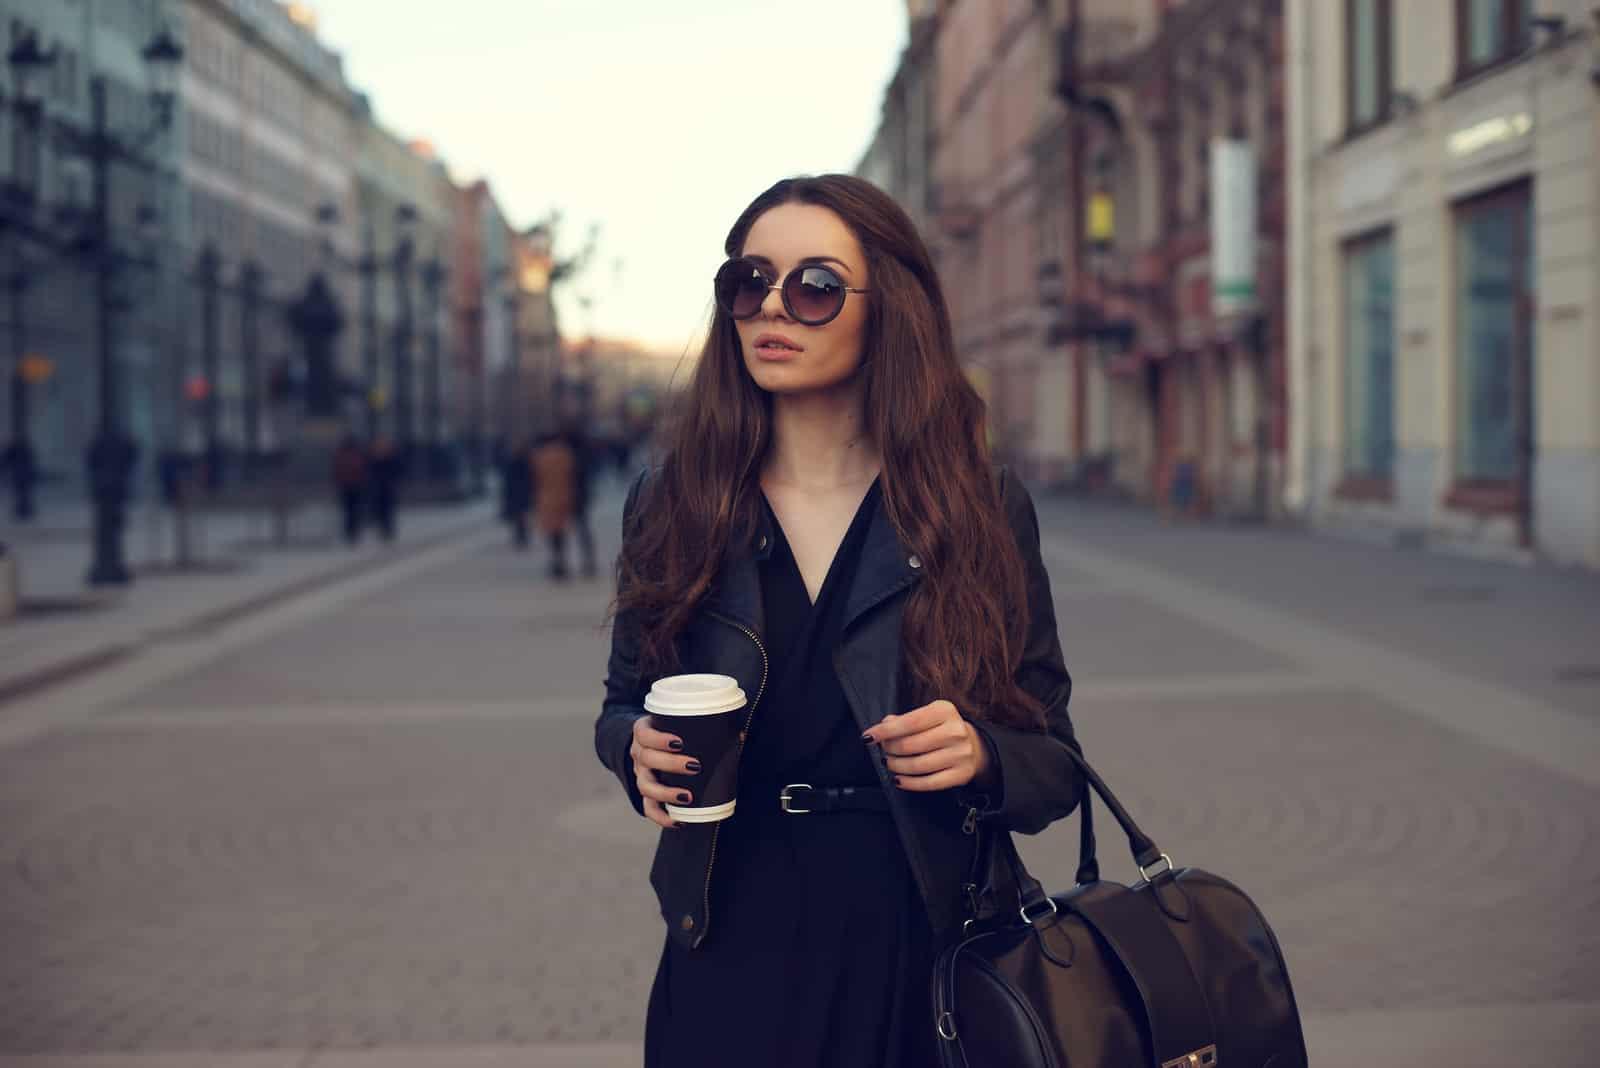 une belle femme aux cheveux longs avec des lunettes sur la tête se dresse dans la rue